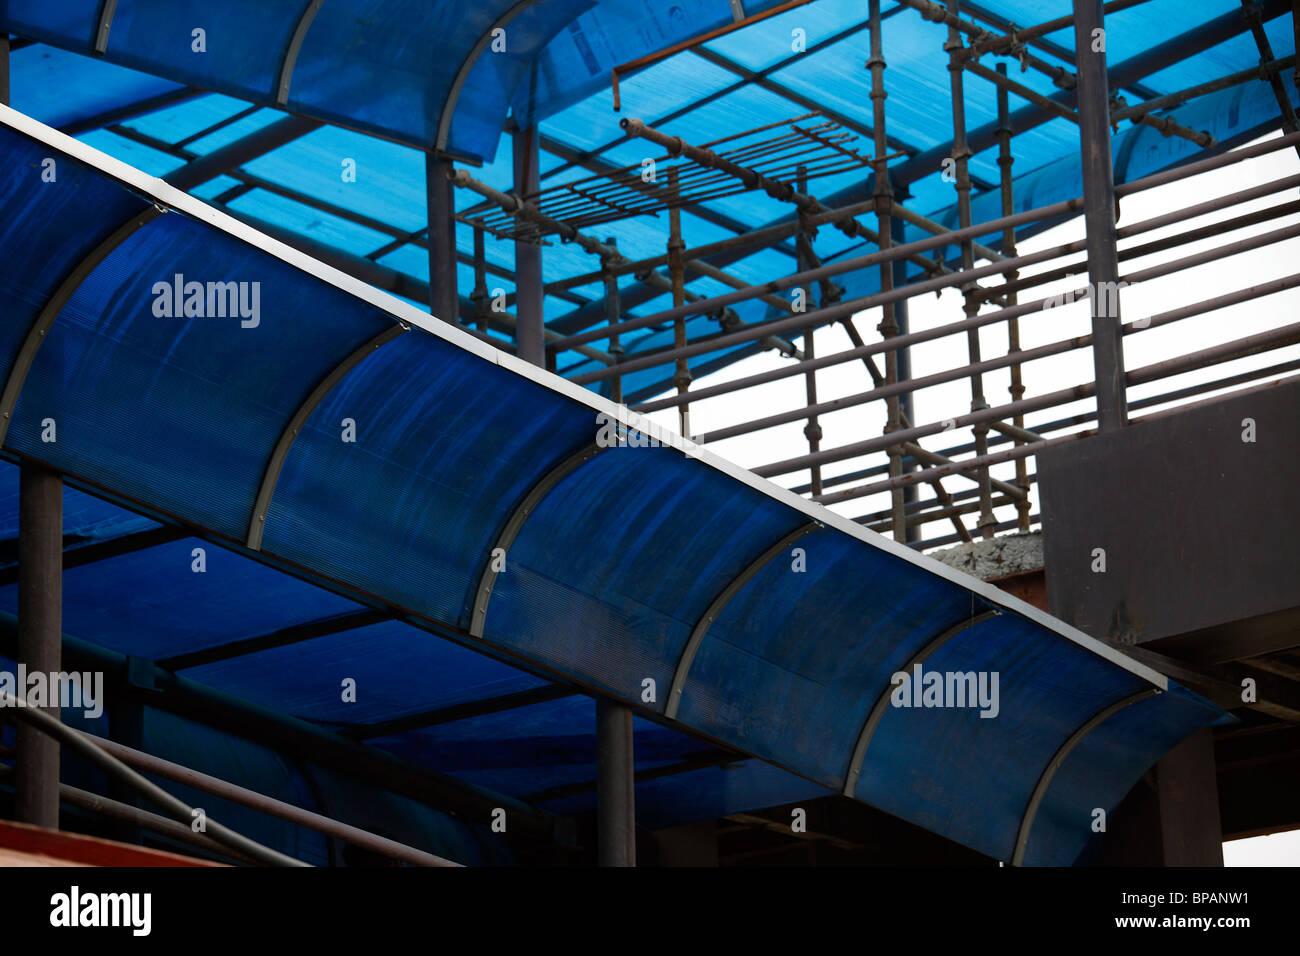 Costruzione a soffitto struttura di fabbricazione industriale blu di tubi di ferro Immagini Stock